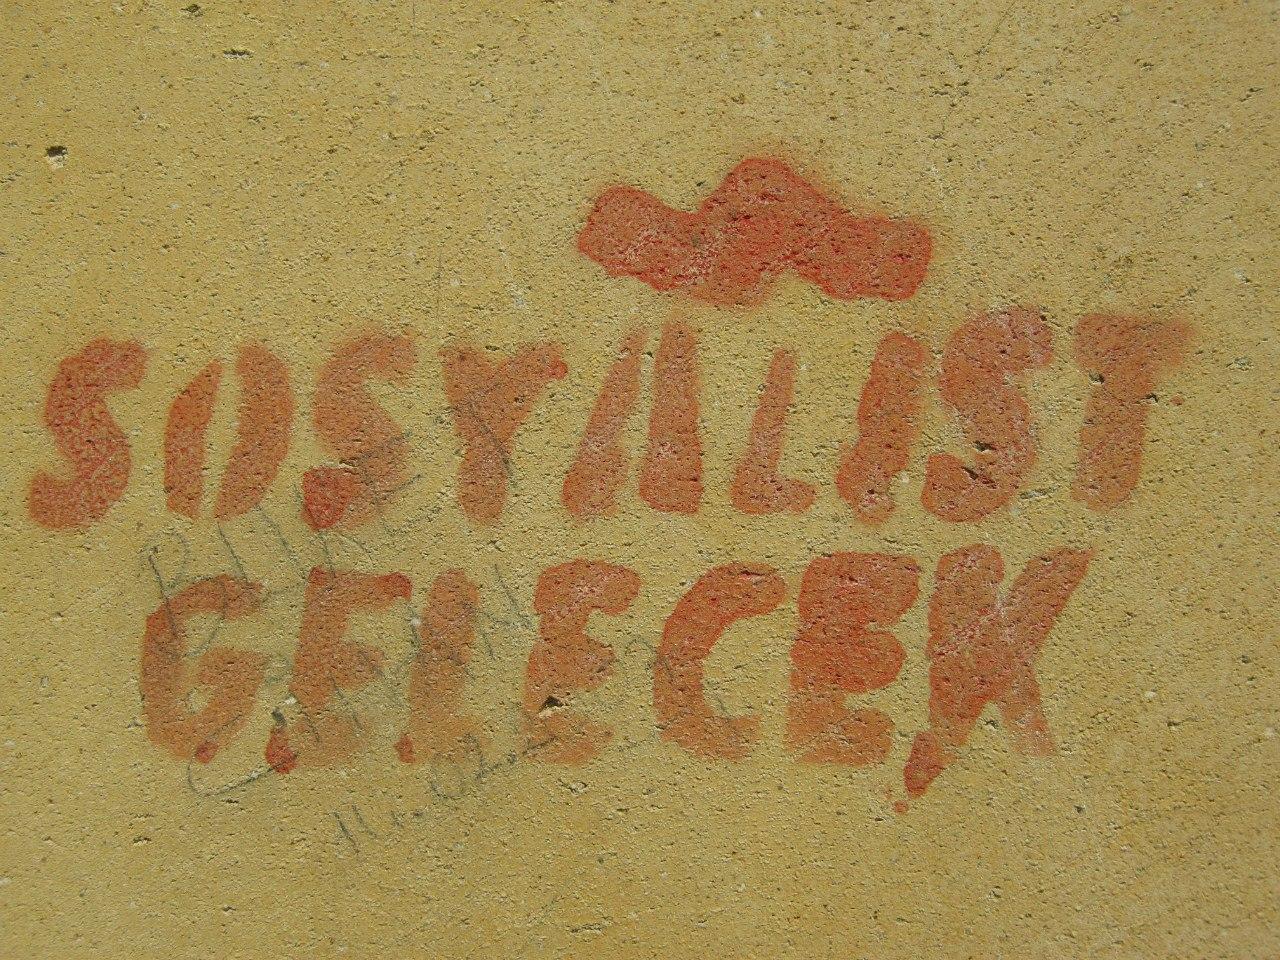 коммунисты в Турции